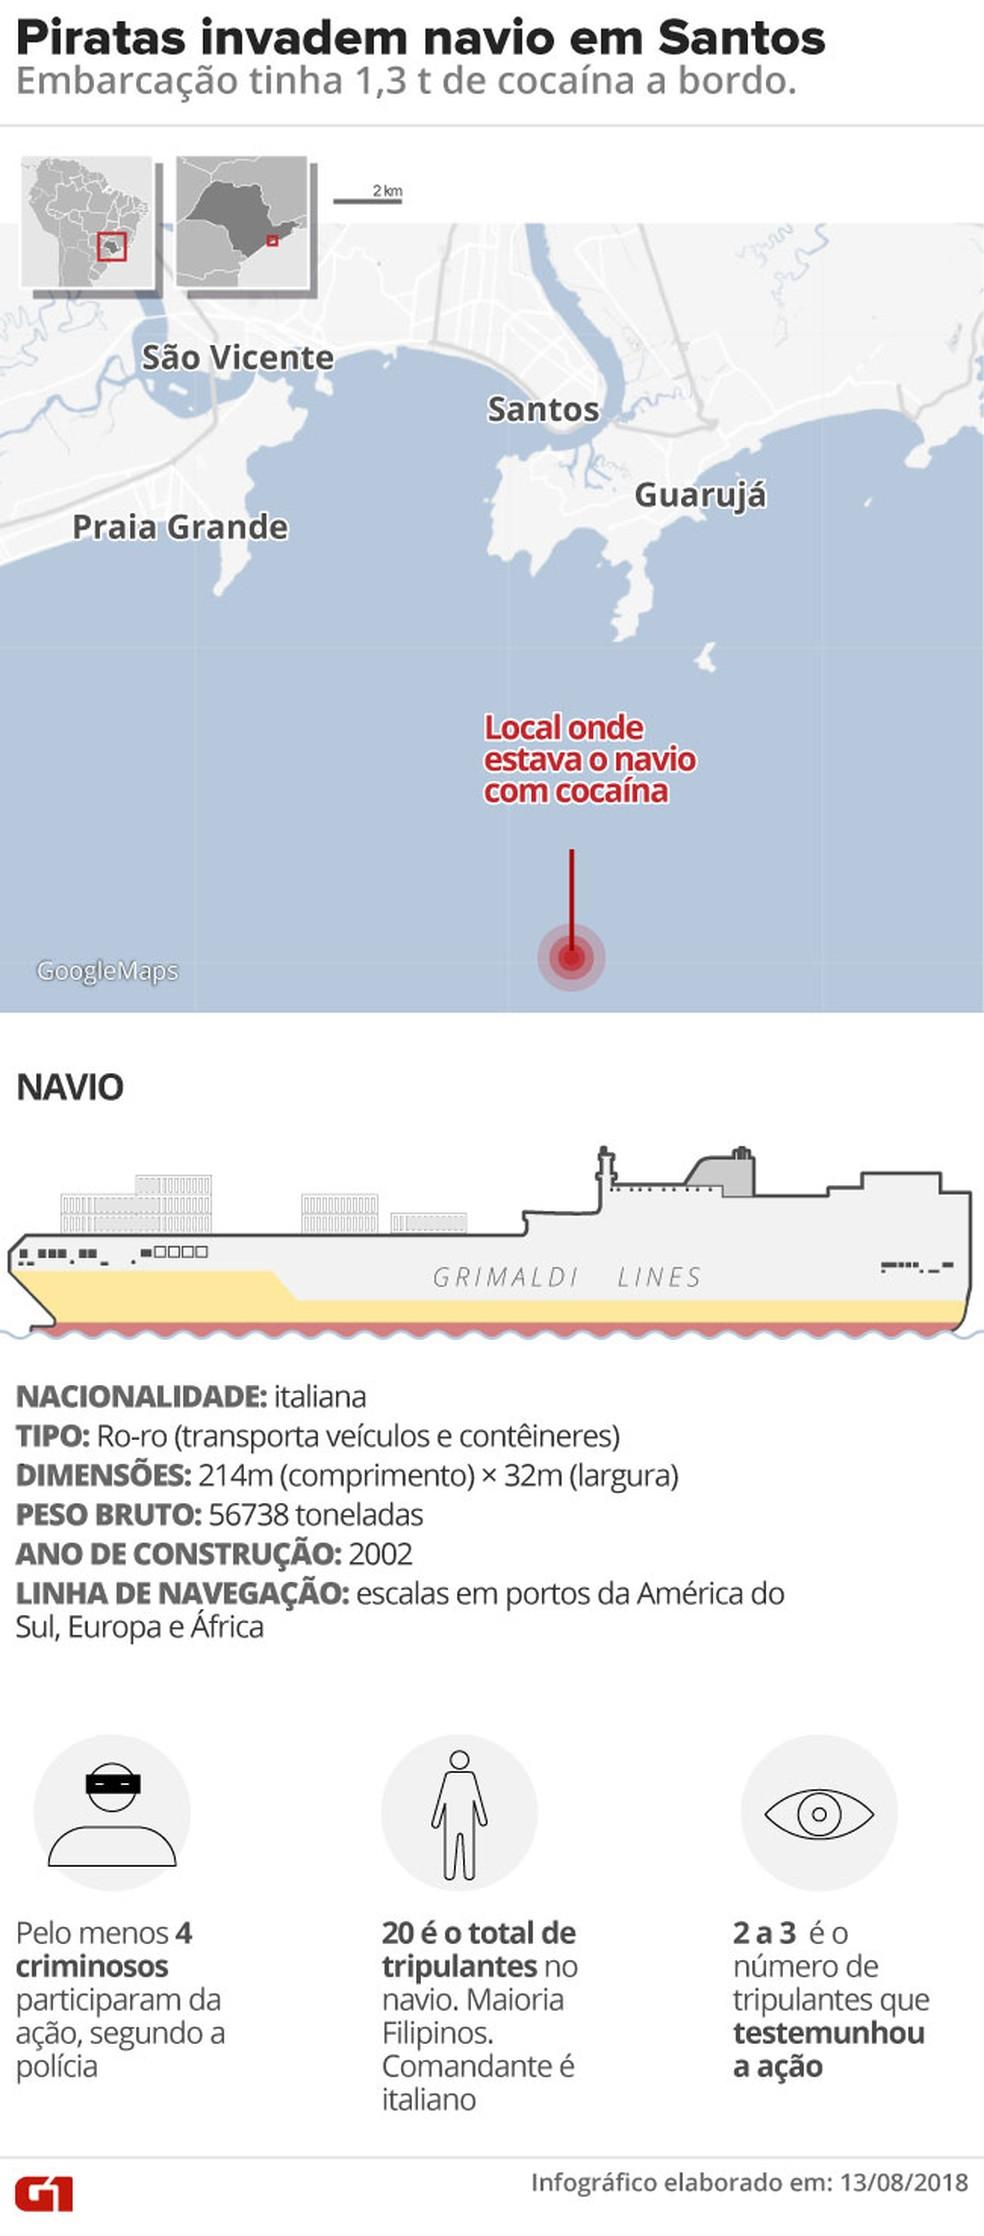 Características do navio onde foram apreendidos 1,3 mil kg de cocaína no Porto de Santos (Foto: Infográfico: Roberta Jaworski/G1)